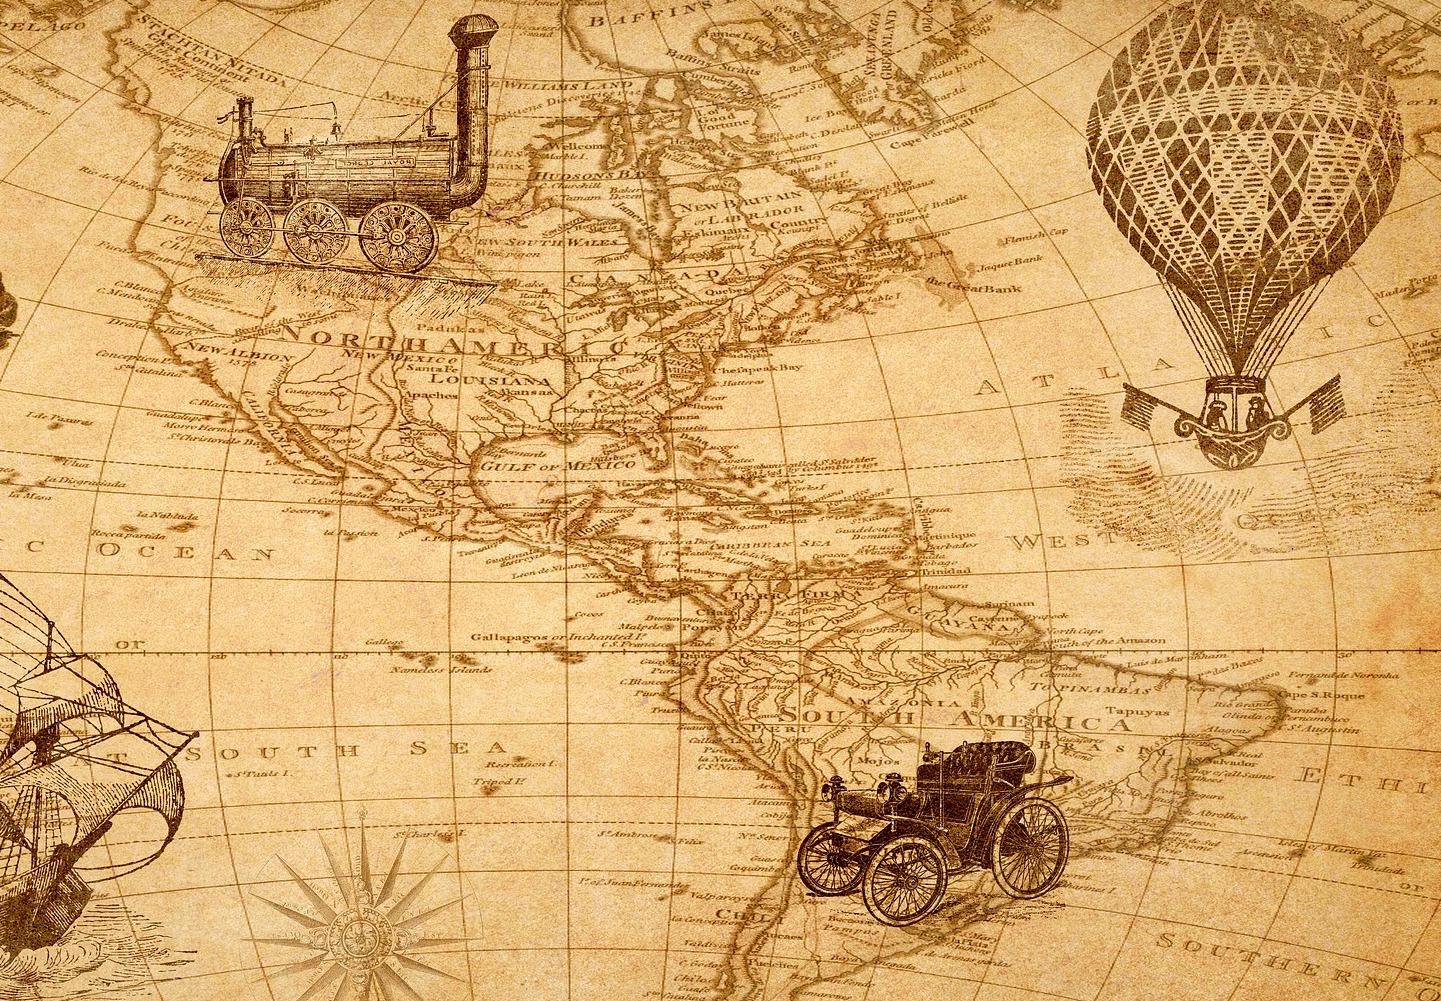 NEGOCIACIÓN EN AMÉRICA. GRAN DIVERSIDAD A CONOCER